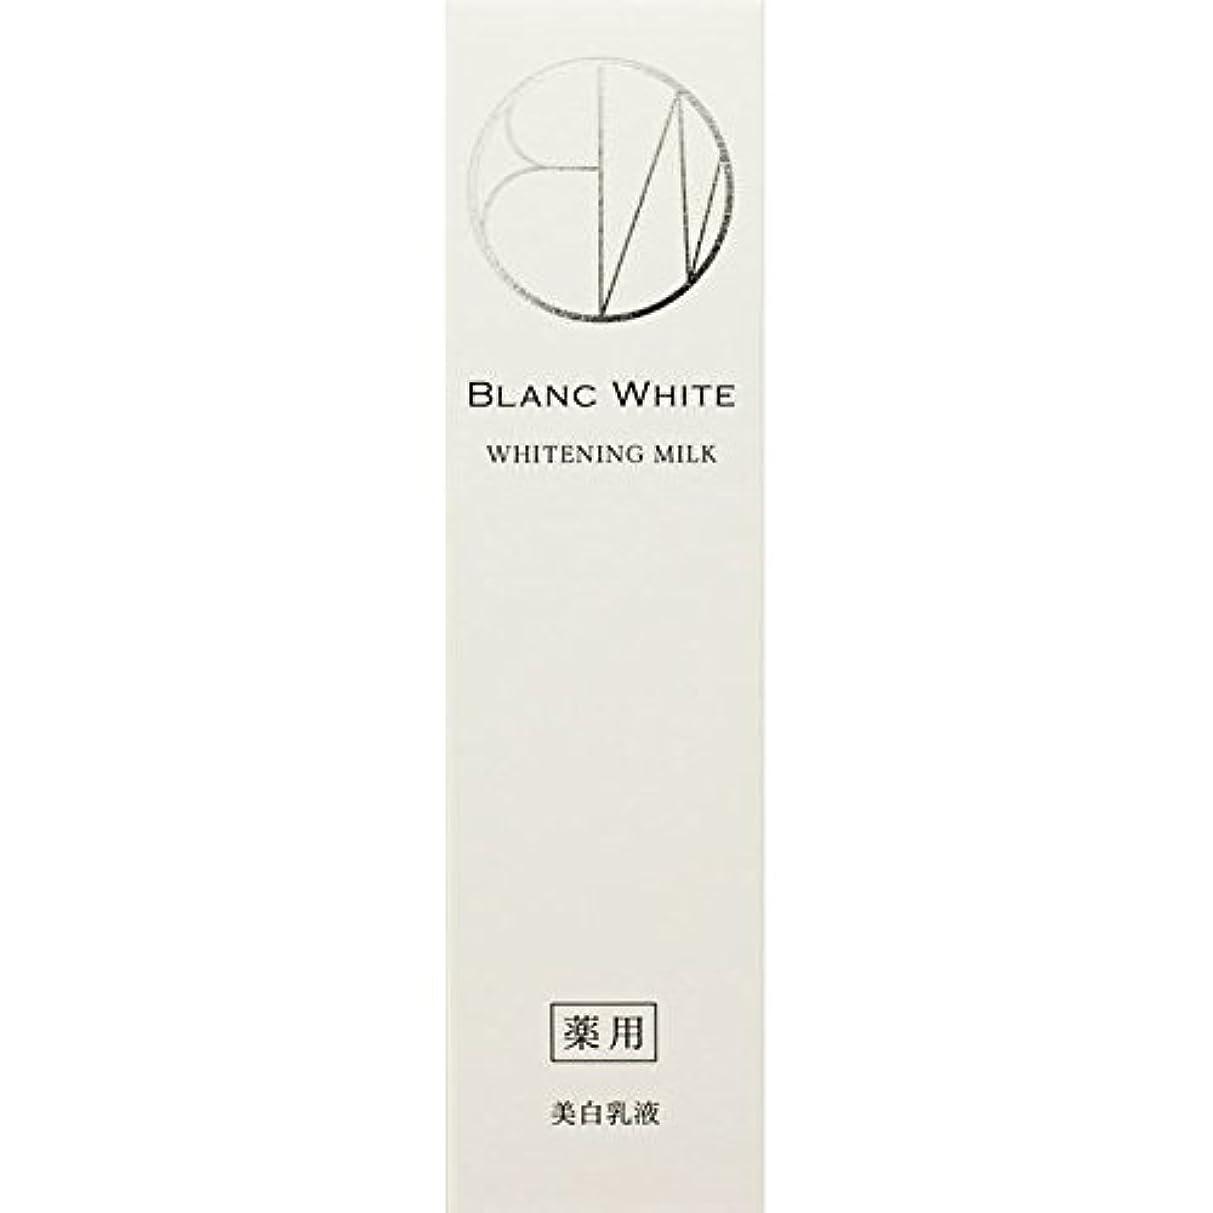 除去ブランドビームブランホワイト ホワイトニングミルク 125ml (医薬部外品)